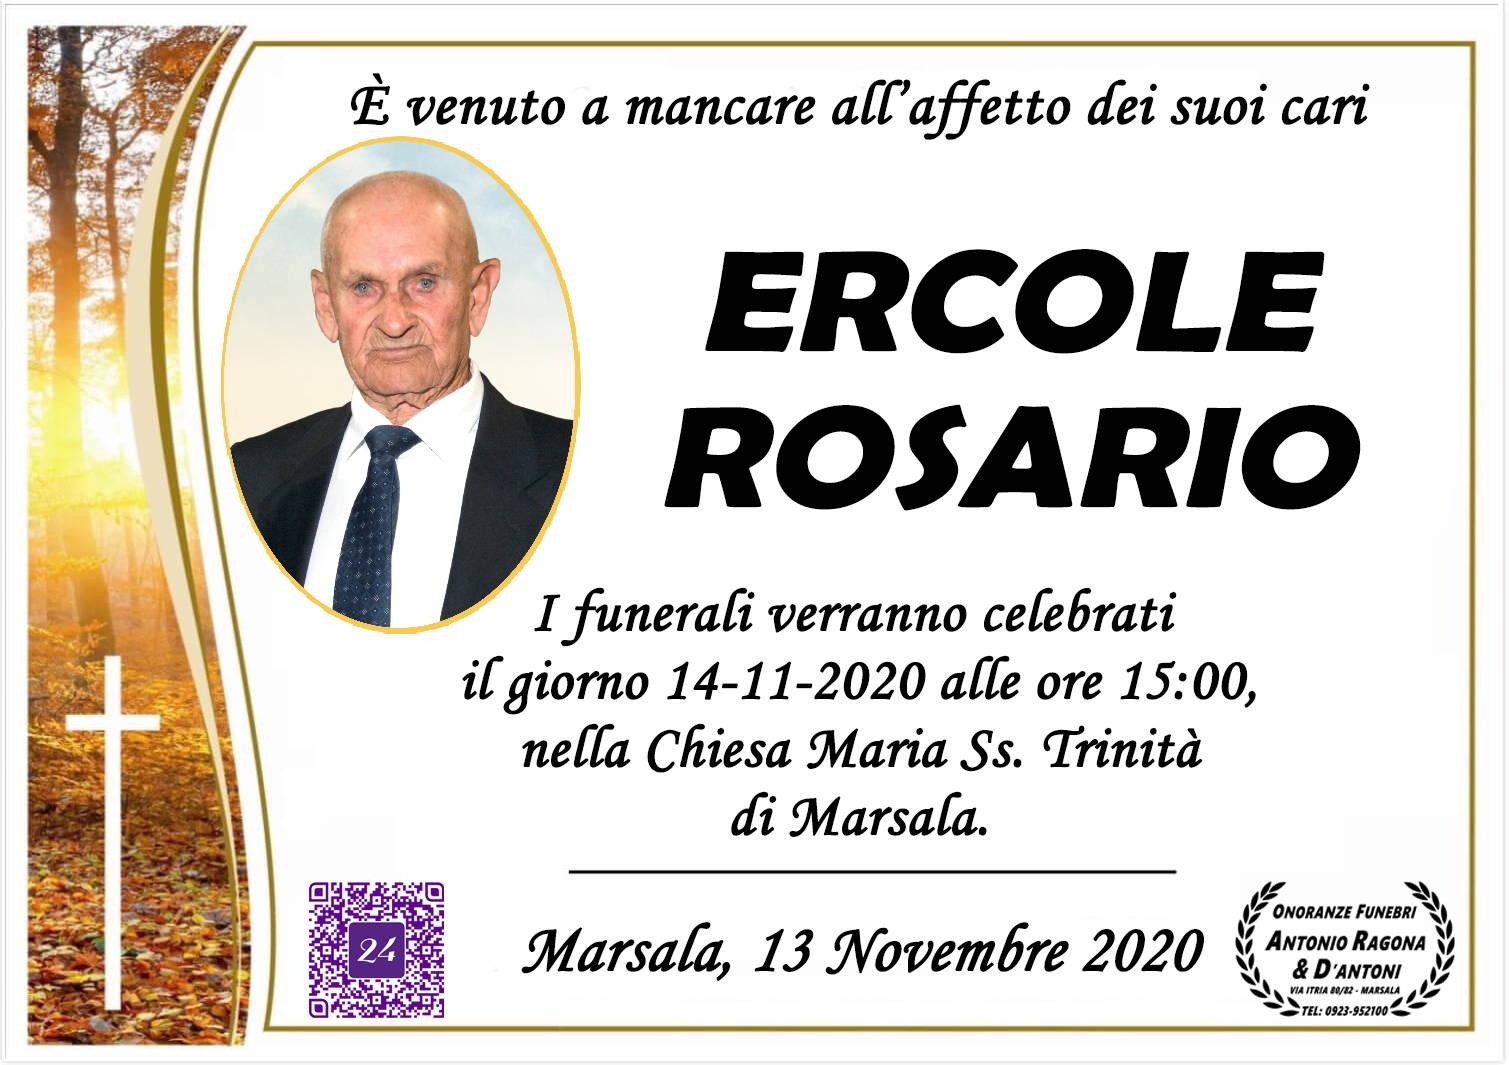 Rosario Ercole